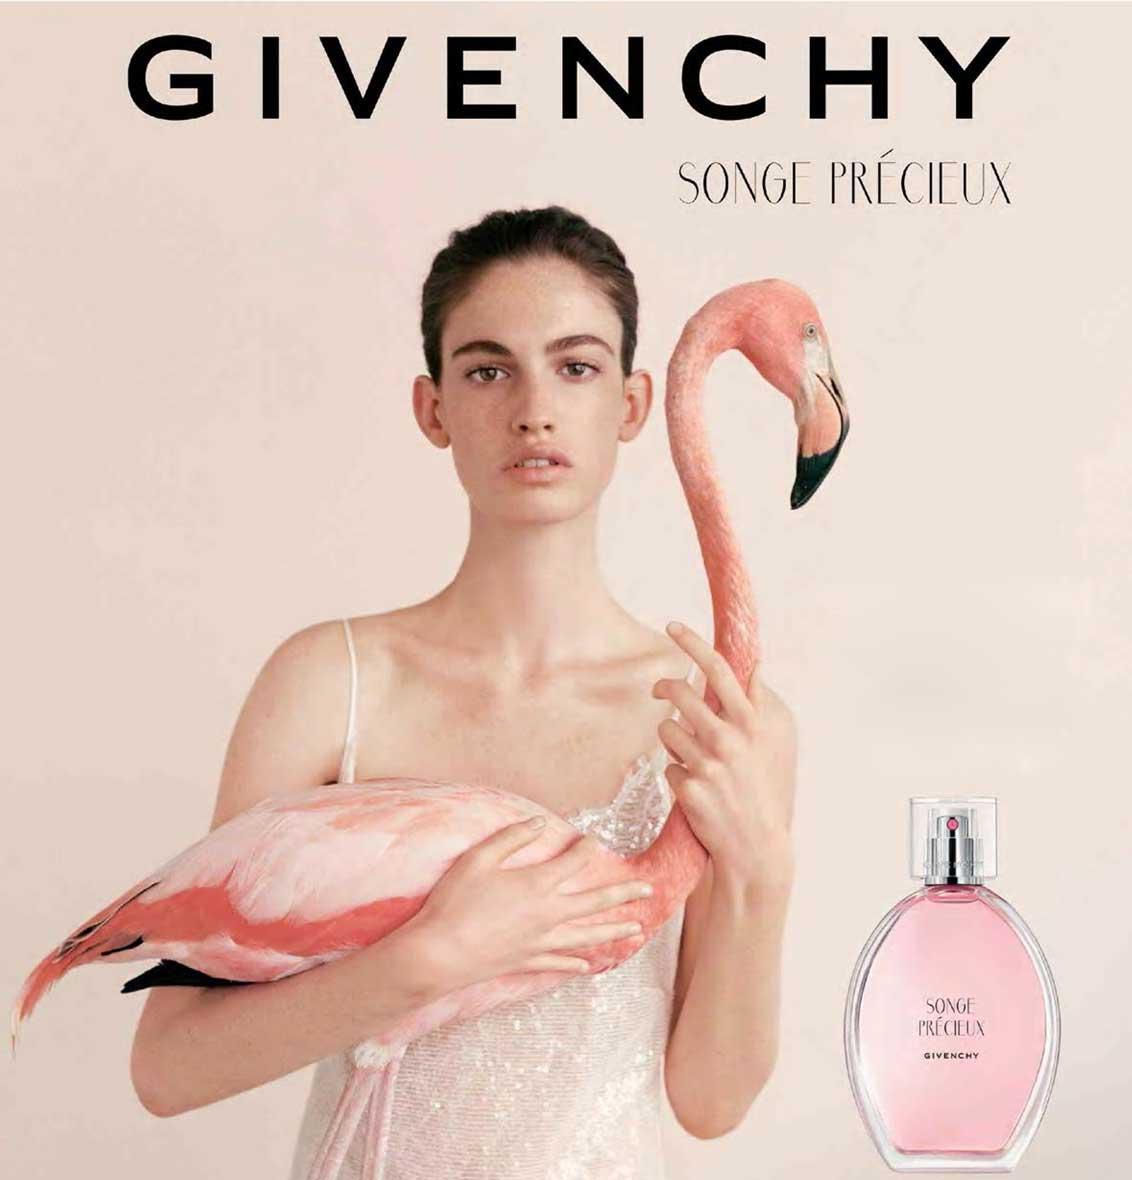 ~ Givenchy Songe Précieux Nouveaux Parfums wPk0OX8n